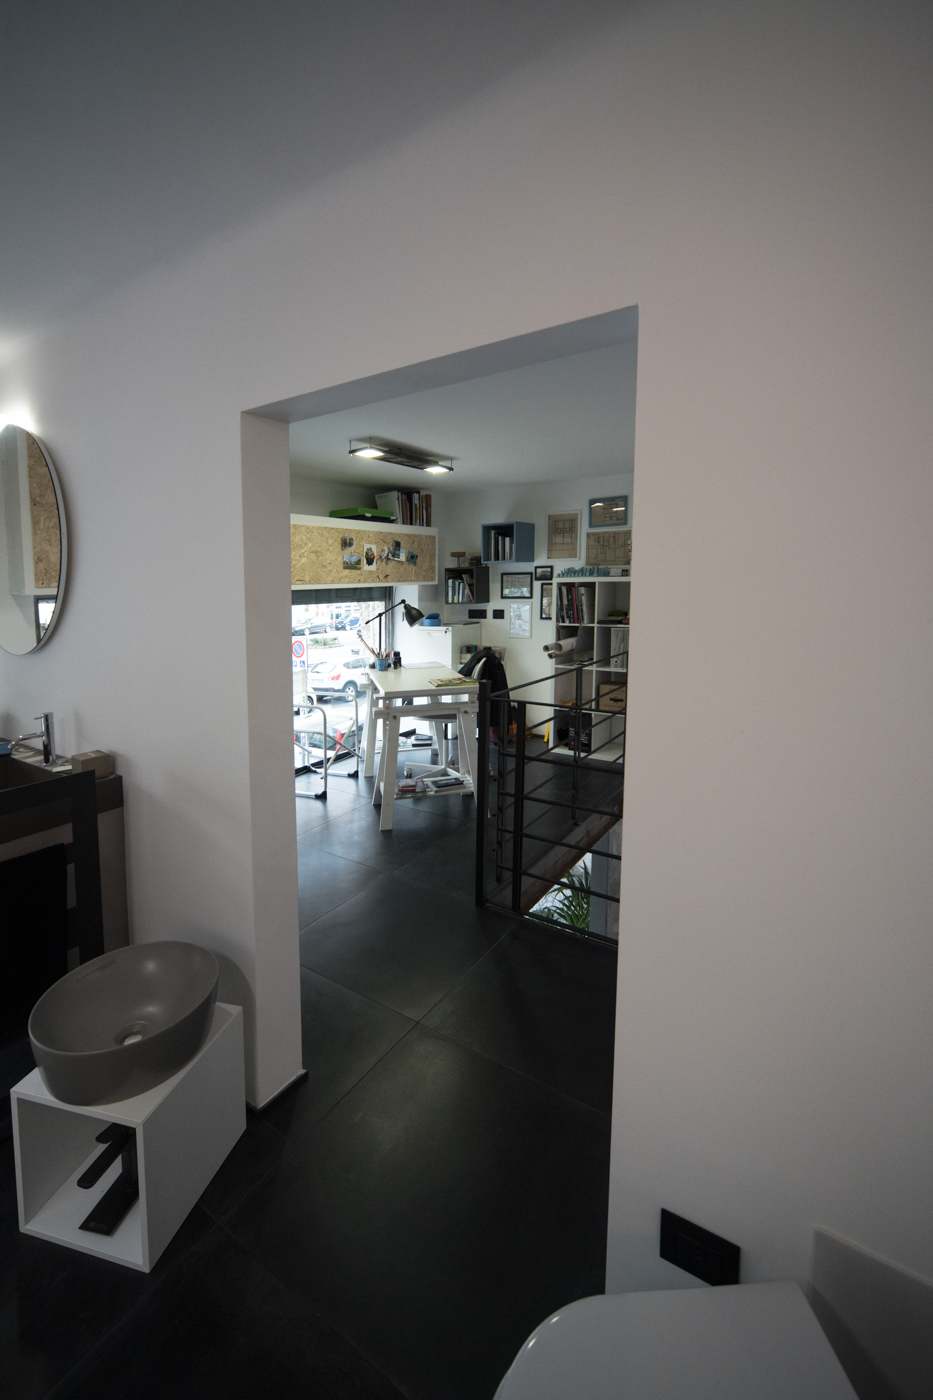 valentina solera, architetto, interior, ristrutturazione, genova, liguria, italy, interior5-21.jpg